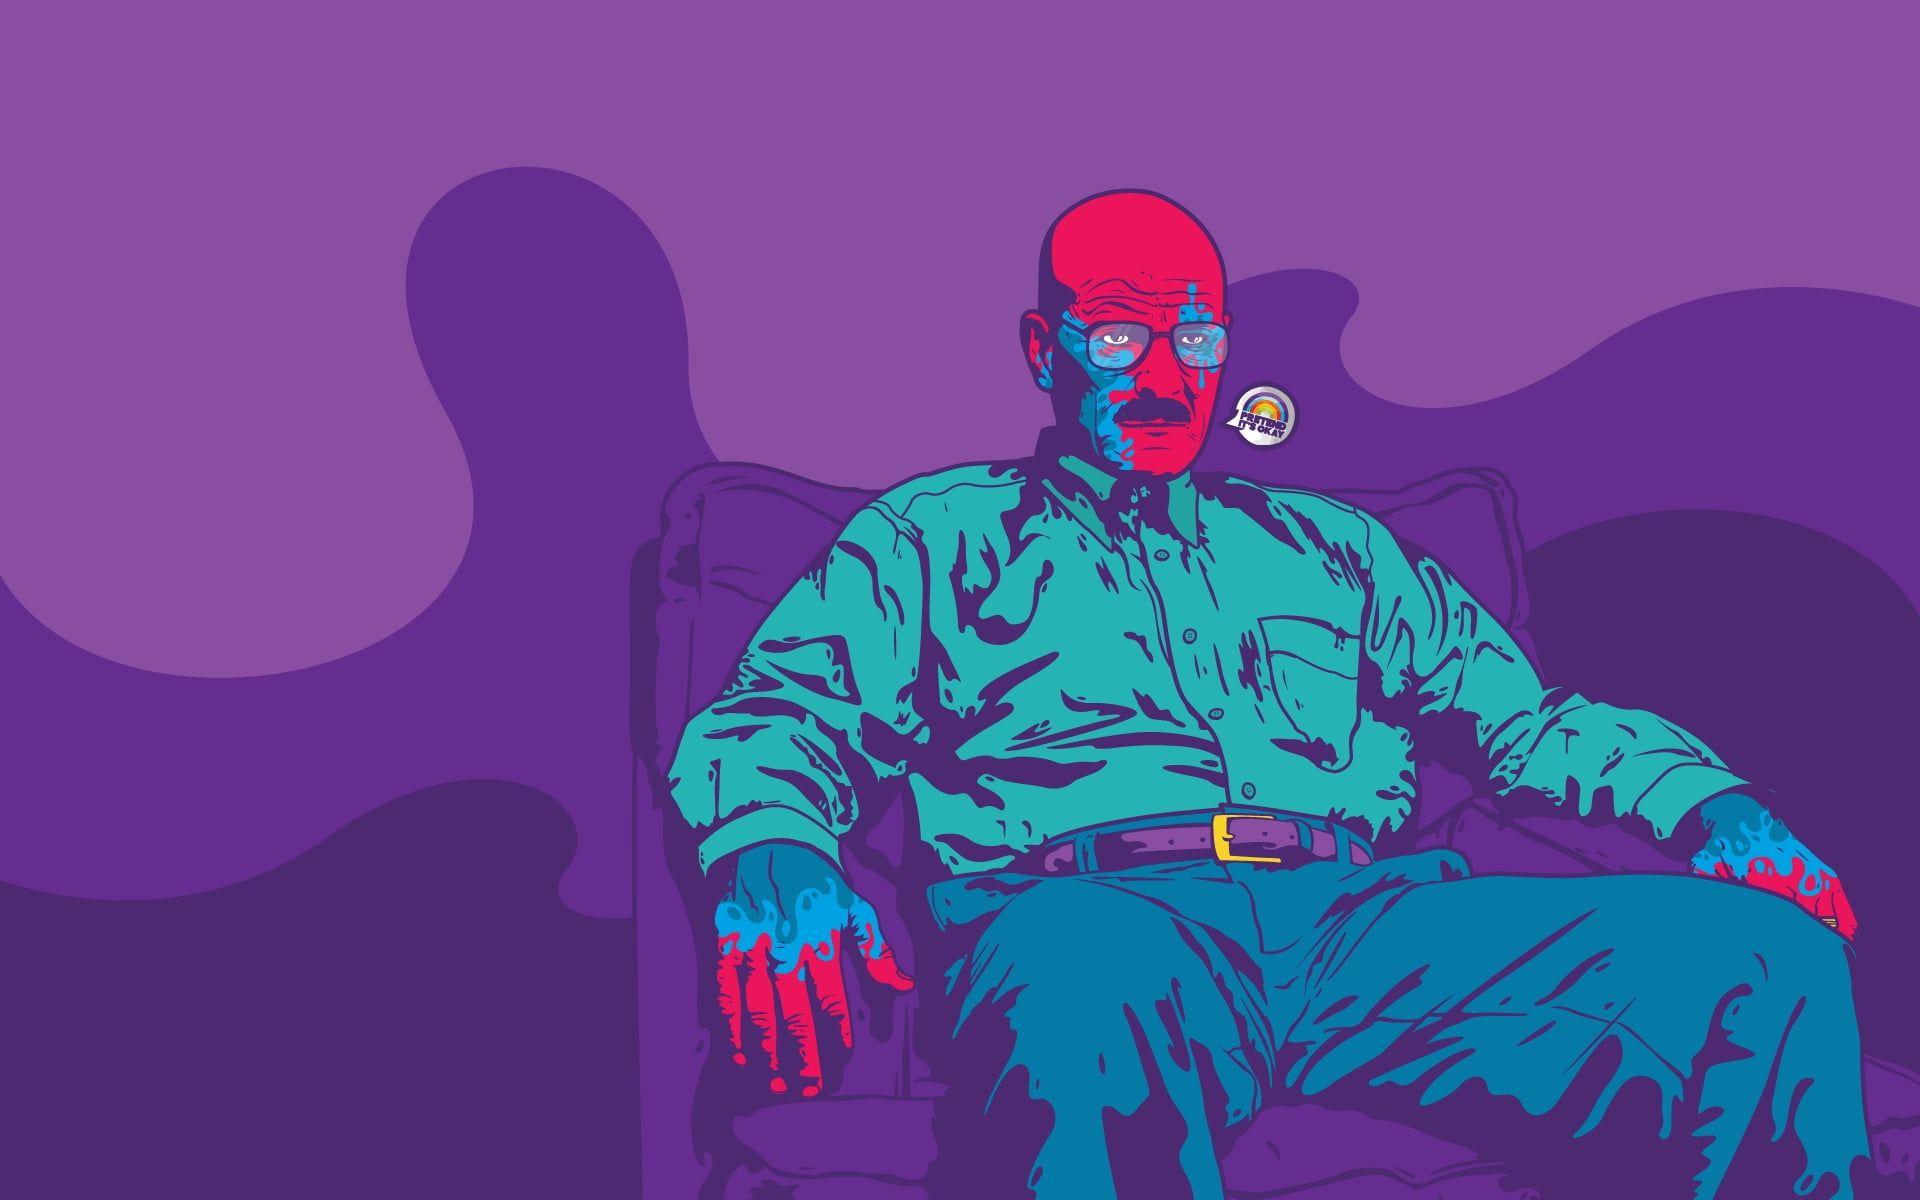 Man Sitting On Sofa Chair Illustration Breaking Bad Chemist Serial 1080p Wallpaper Hdwallpaper Desktop Breaking Bad Illustration Iphone Wallpaper